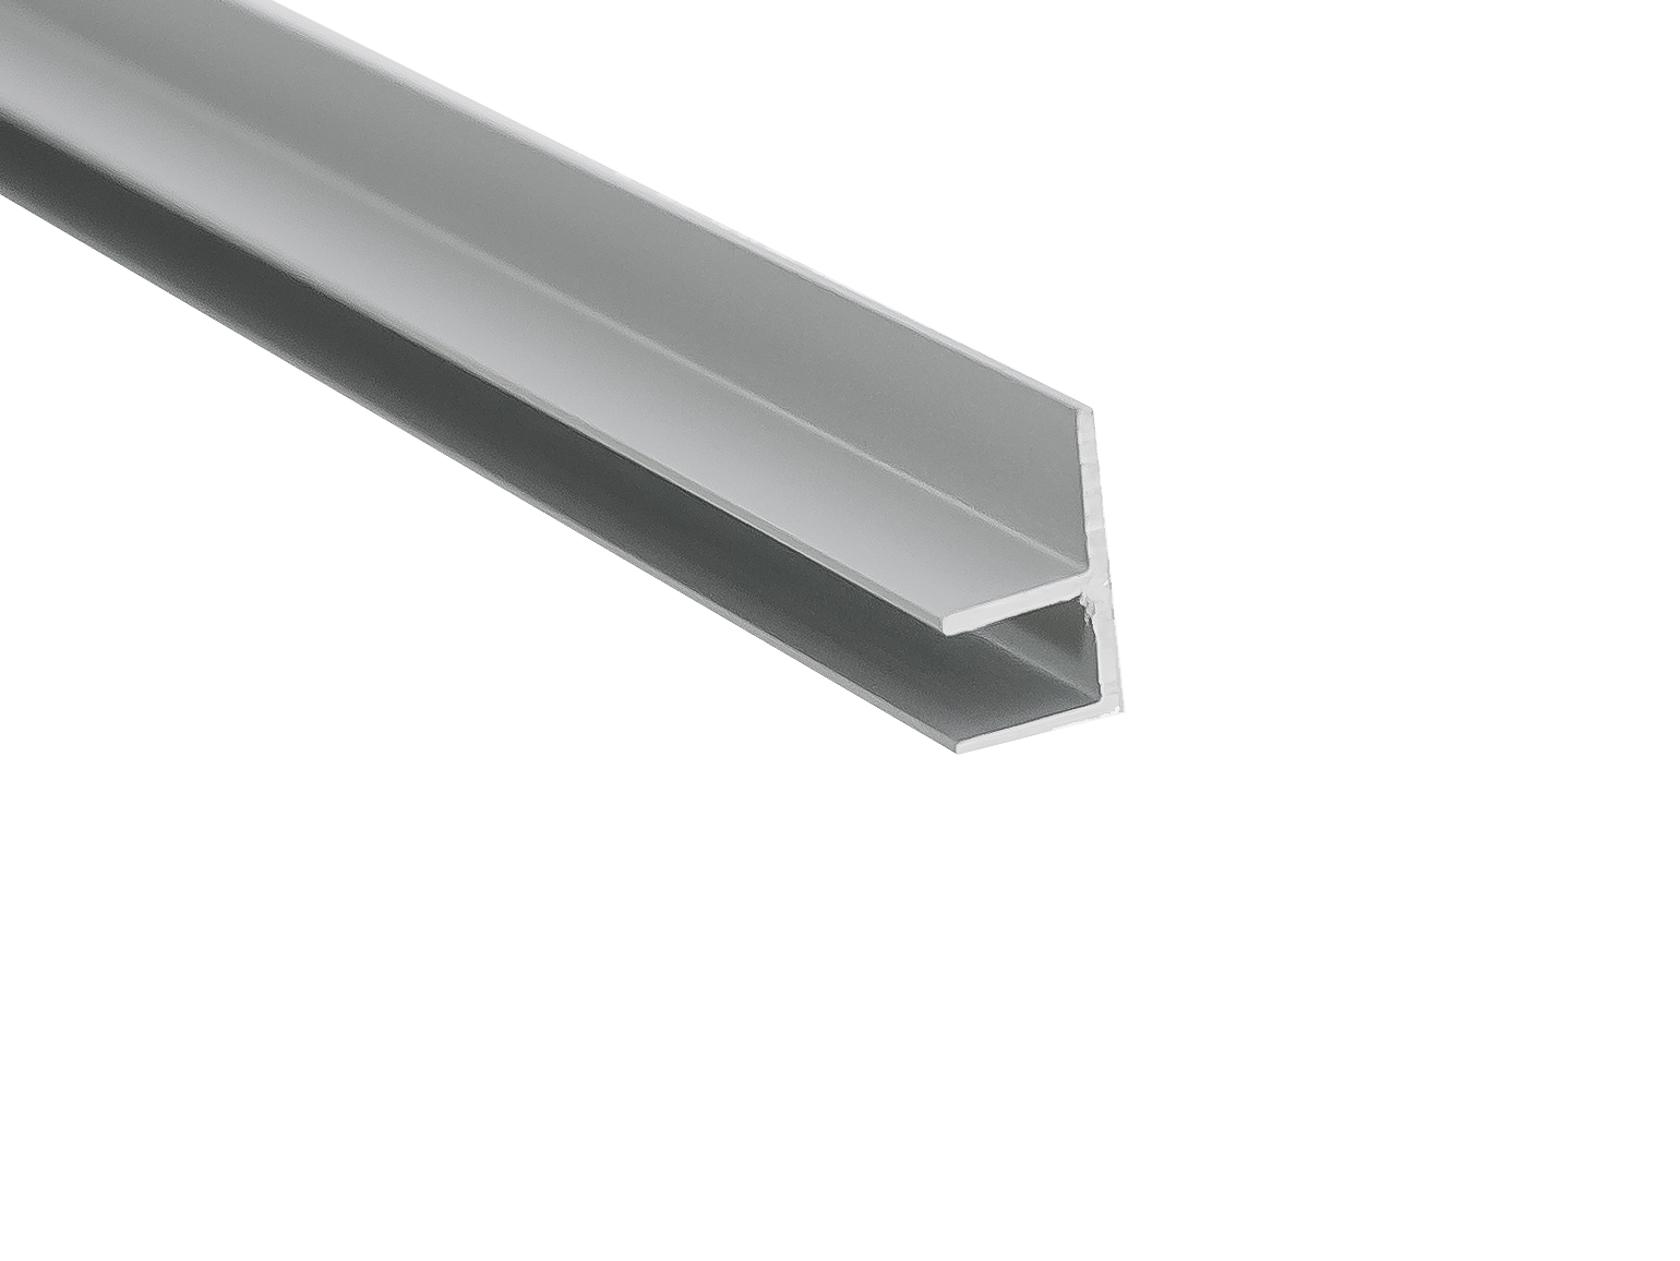 Аксессуар Сокол Планка для стеновой панели угловая eichholtz аксессуар